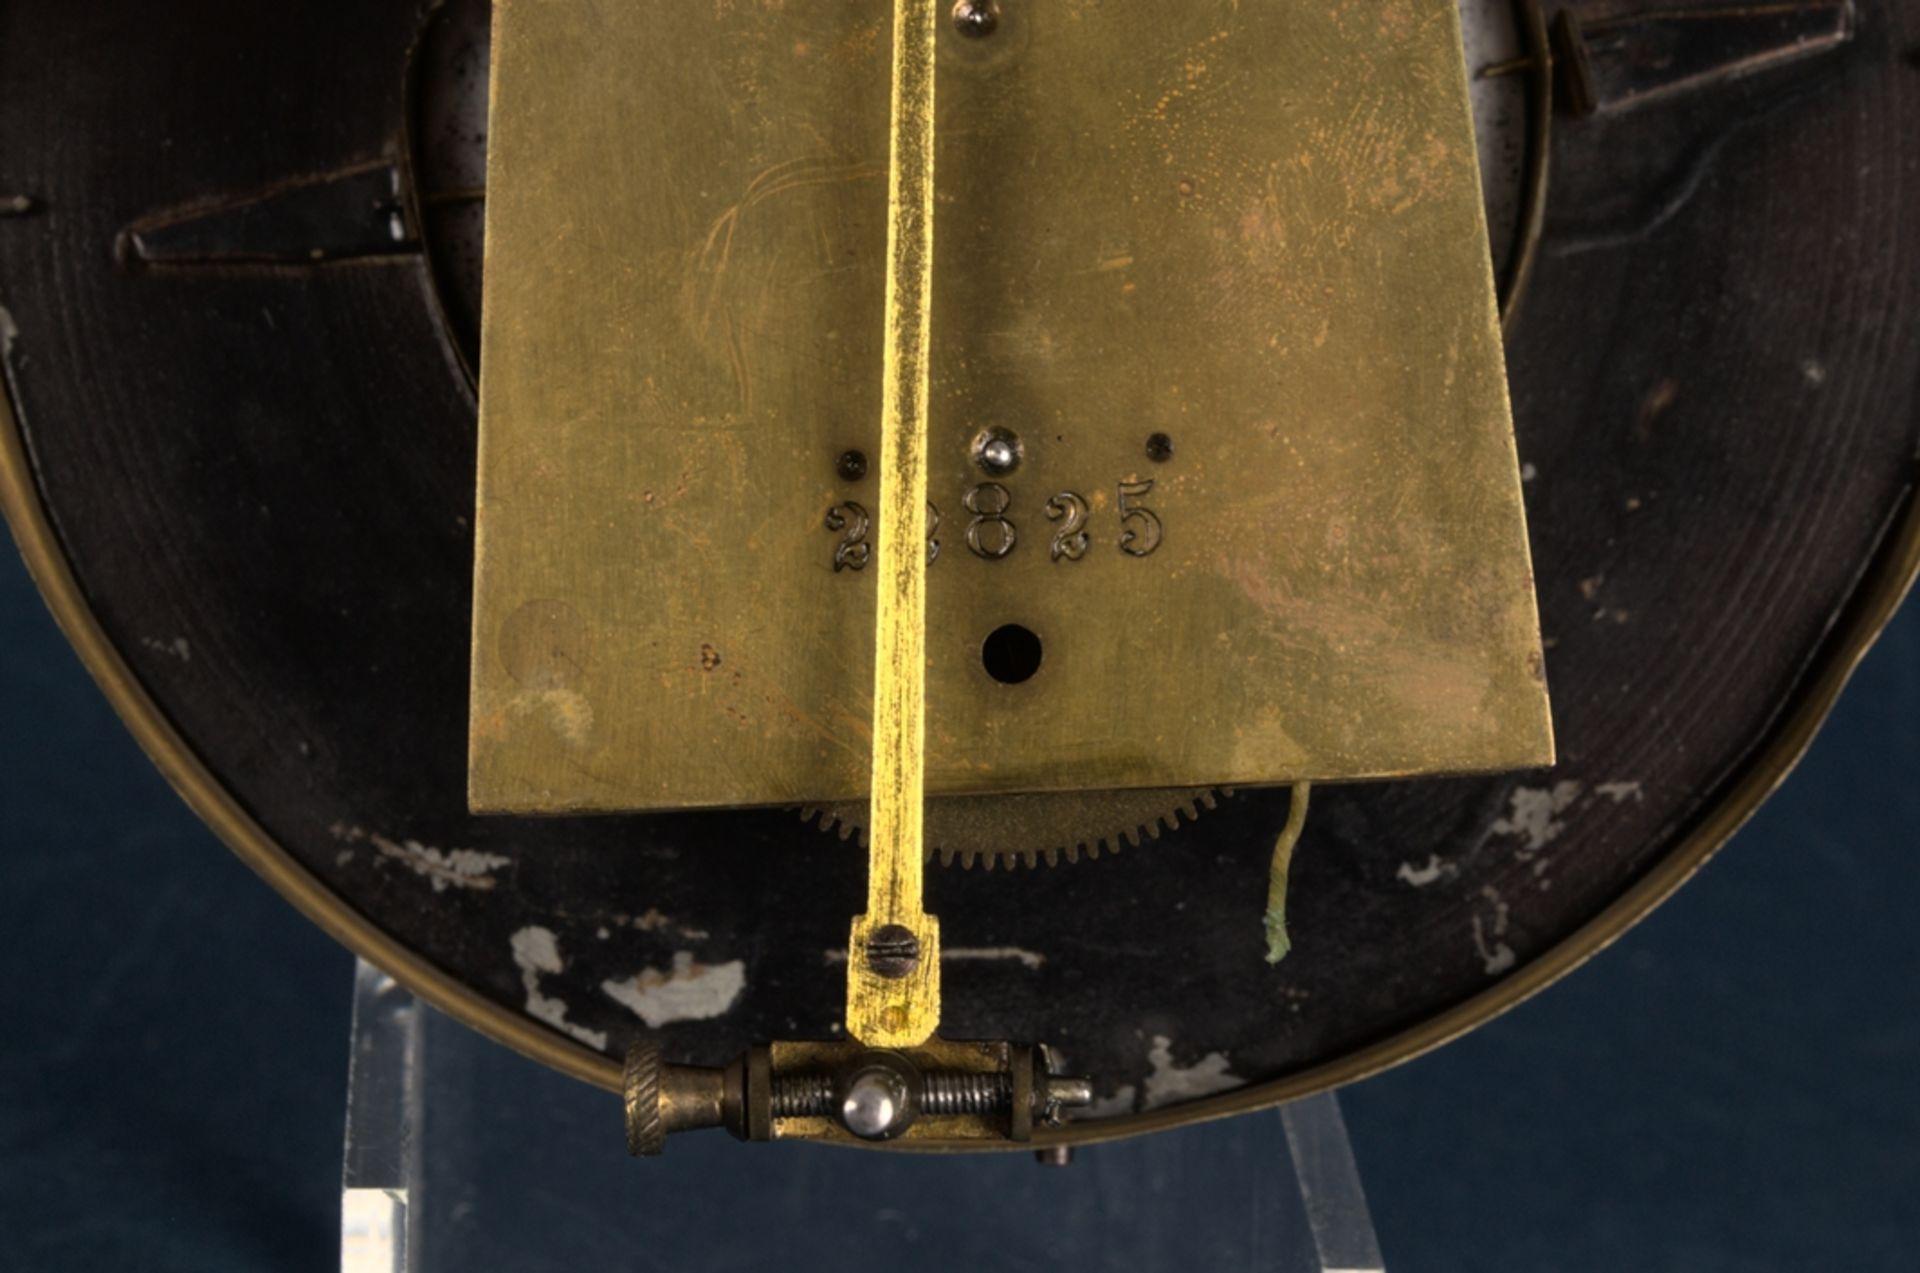 Wandregulator, eingewichtige, mechanische Wanduhr im Nussbaumgehäuse. Werk ungeprüft. Höhe ca. 95 - Bild 13 aus 19